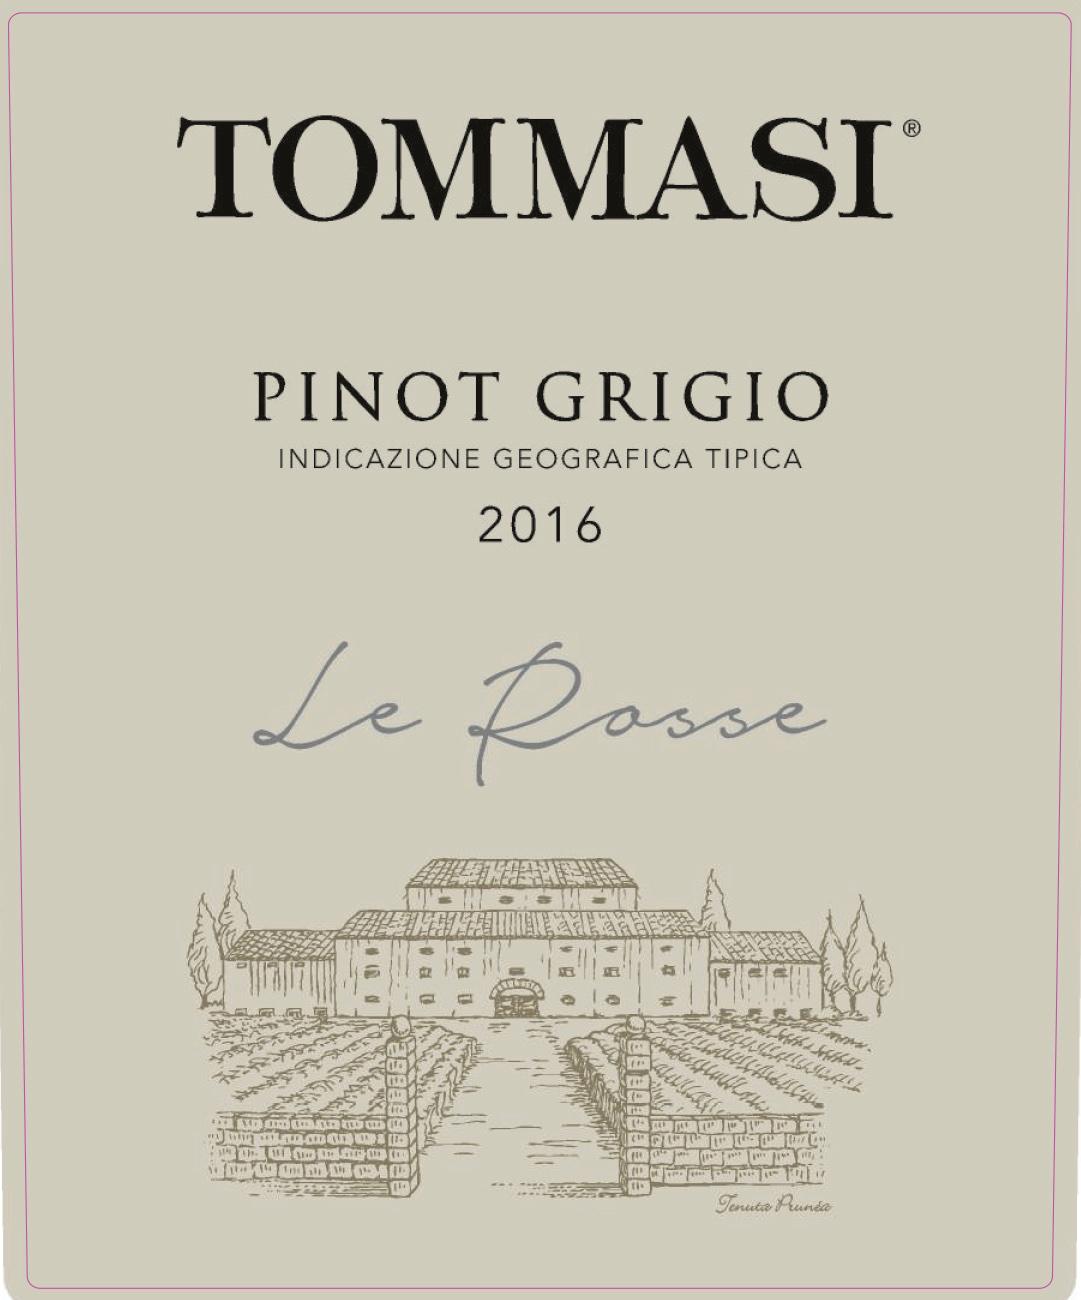 Tommasi - Le Rosse - Pinot Grigio